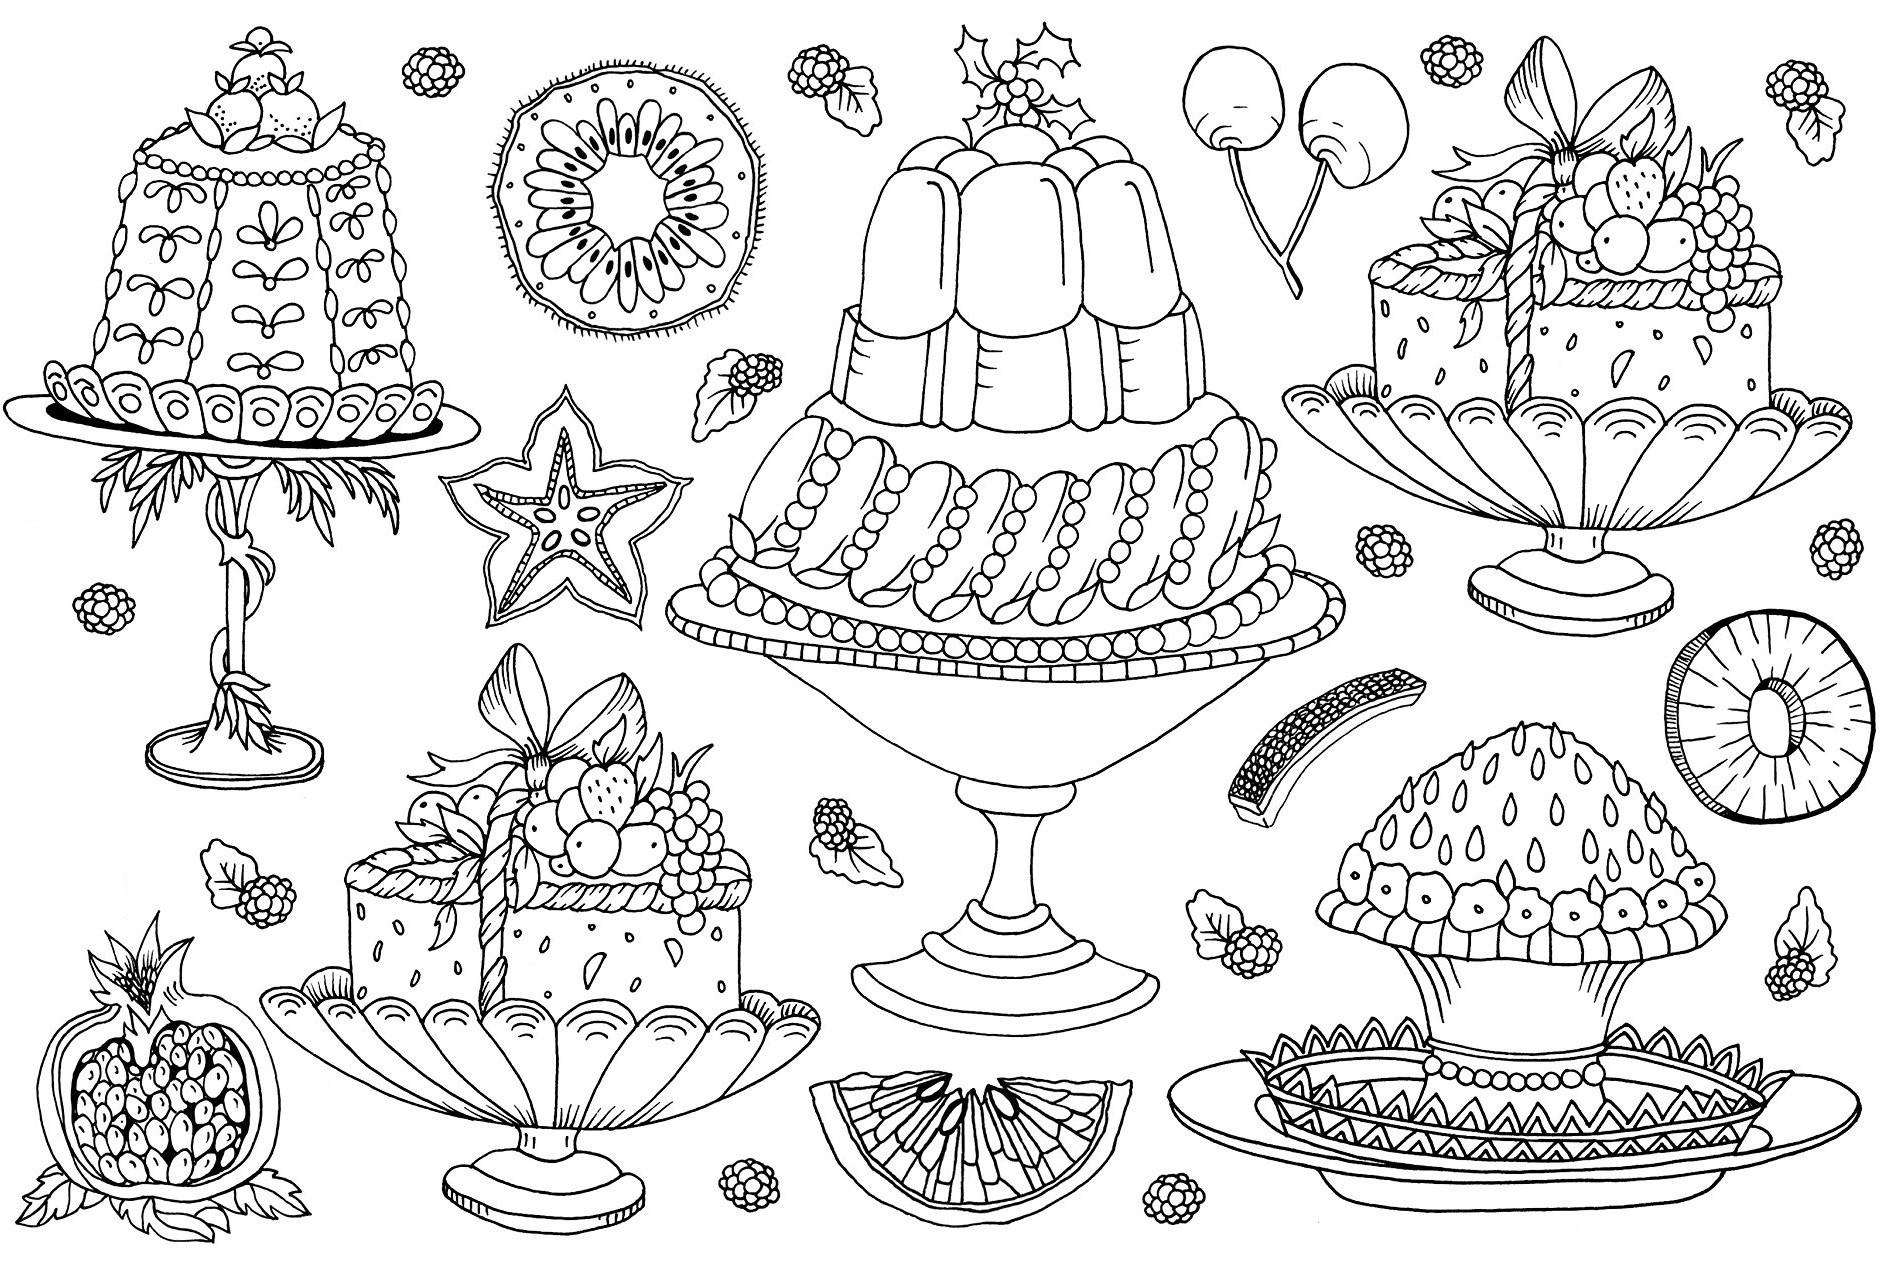 Раскраски сложные для взрослых антистресс сладости «Праздничный стол», чтобы распечатать